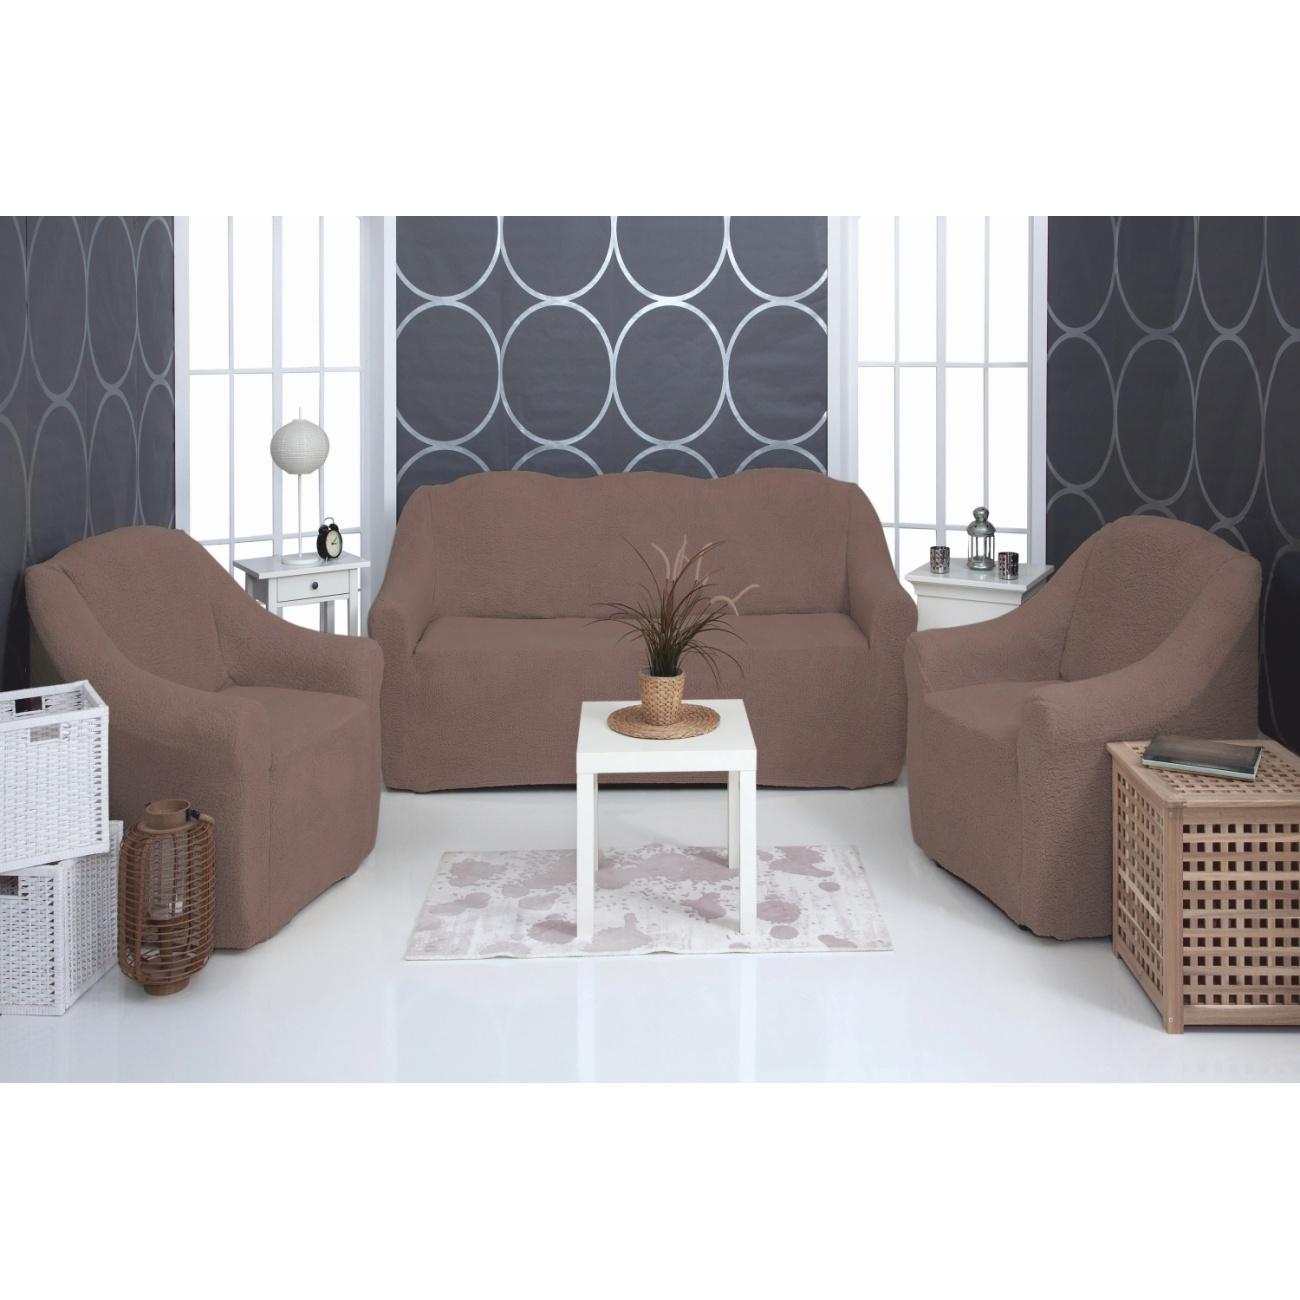 Комплект чехлов на диван и кресла Venera Soft sofa set, коричневый, 3 предмета